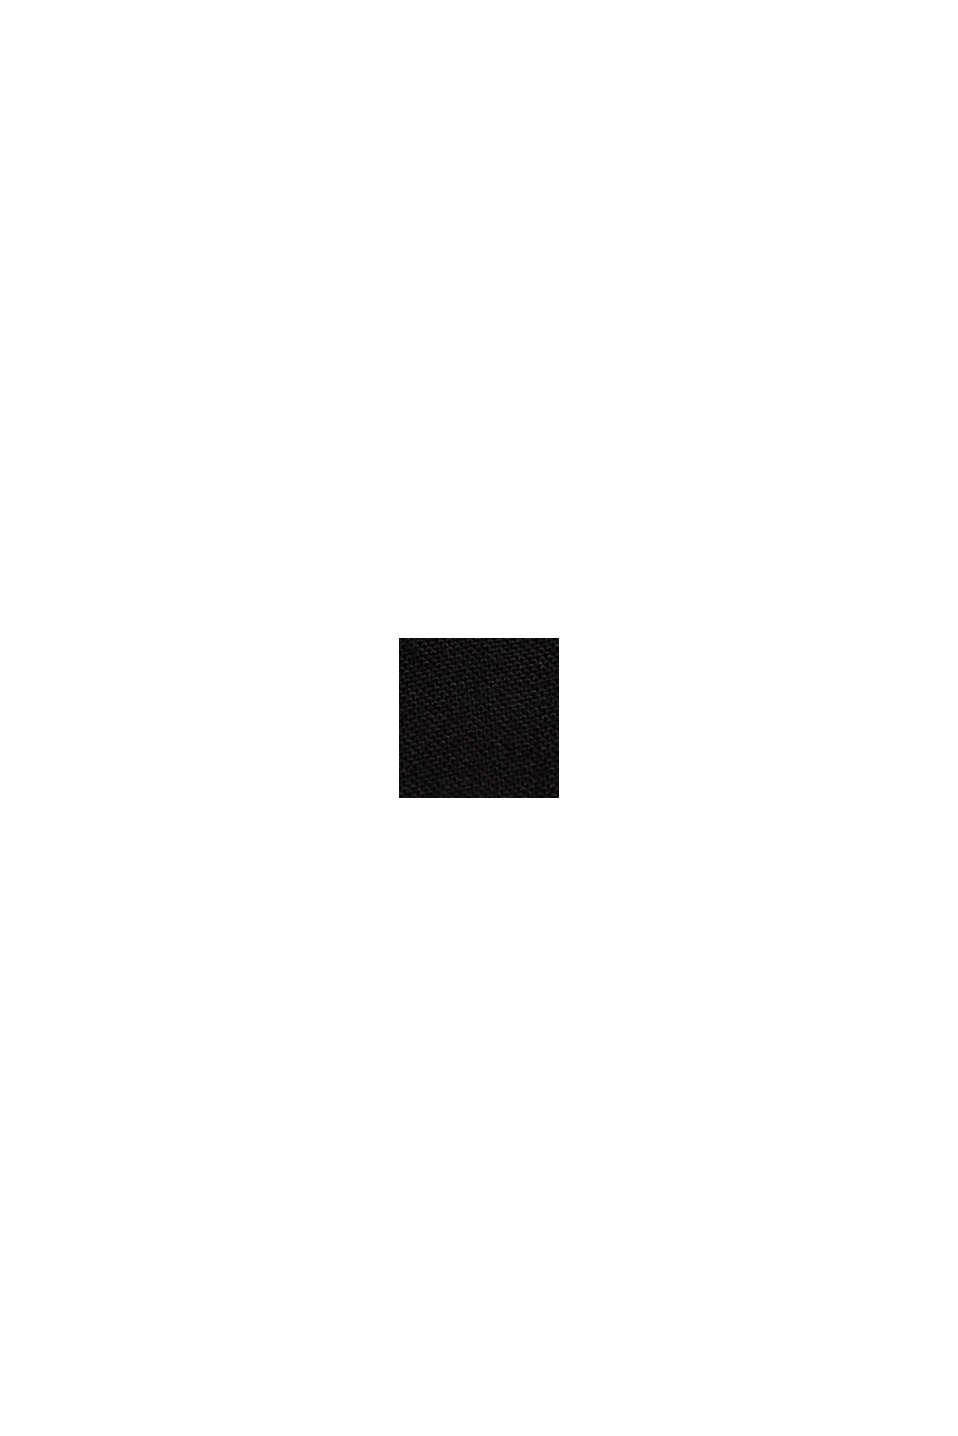 Soepele culotte met elastische band, BLACK, swatch